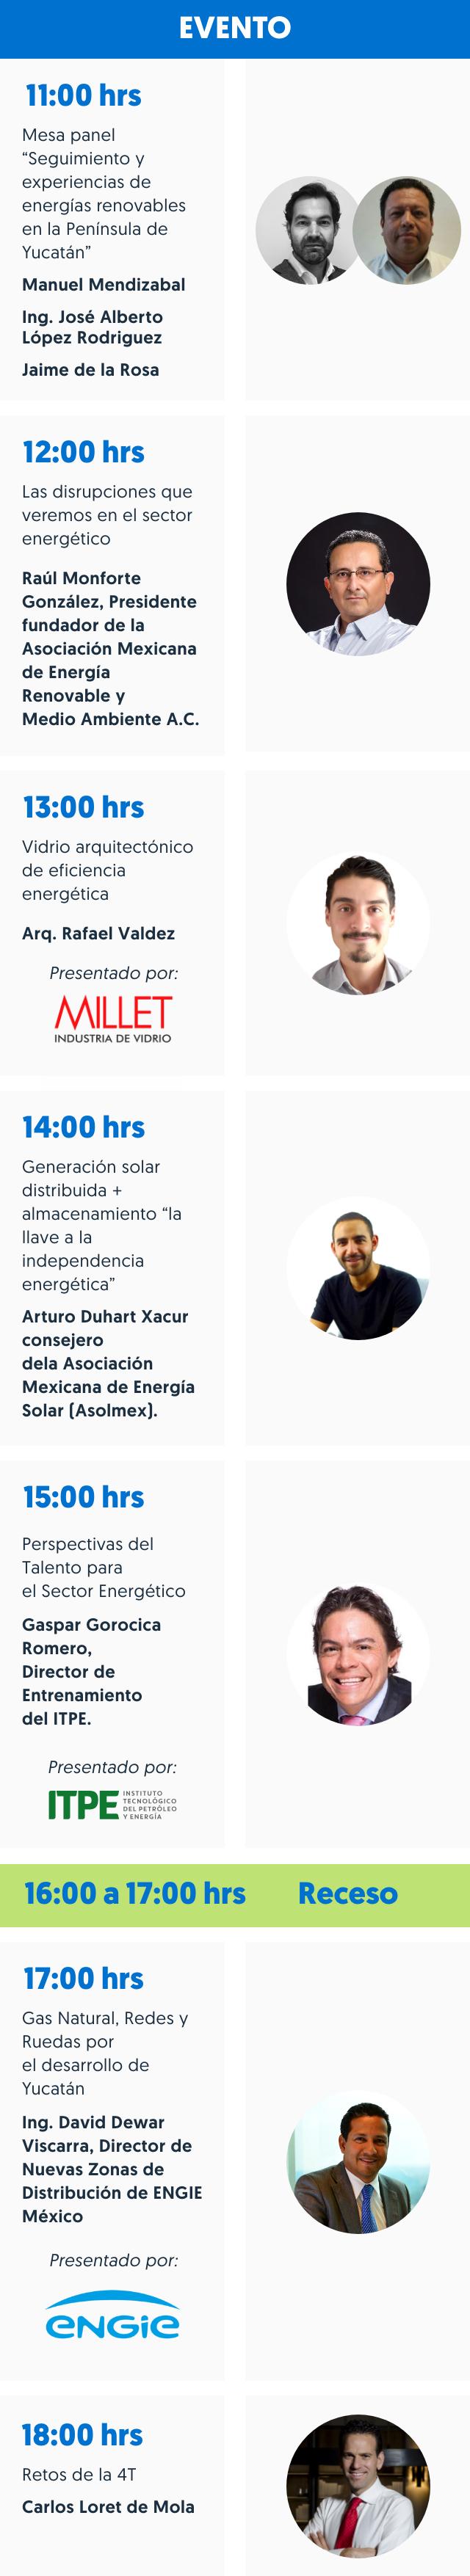 Expoforo Energía Yucatán 2020